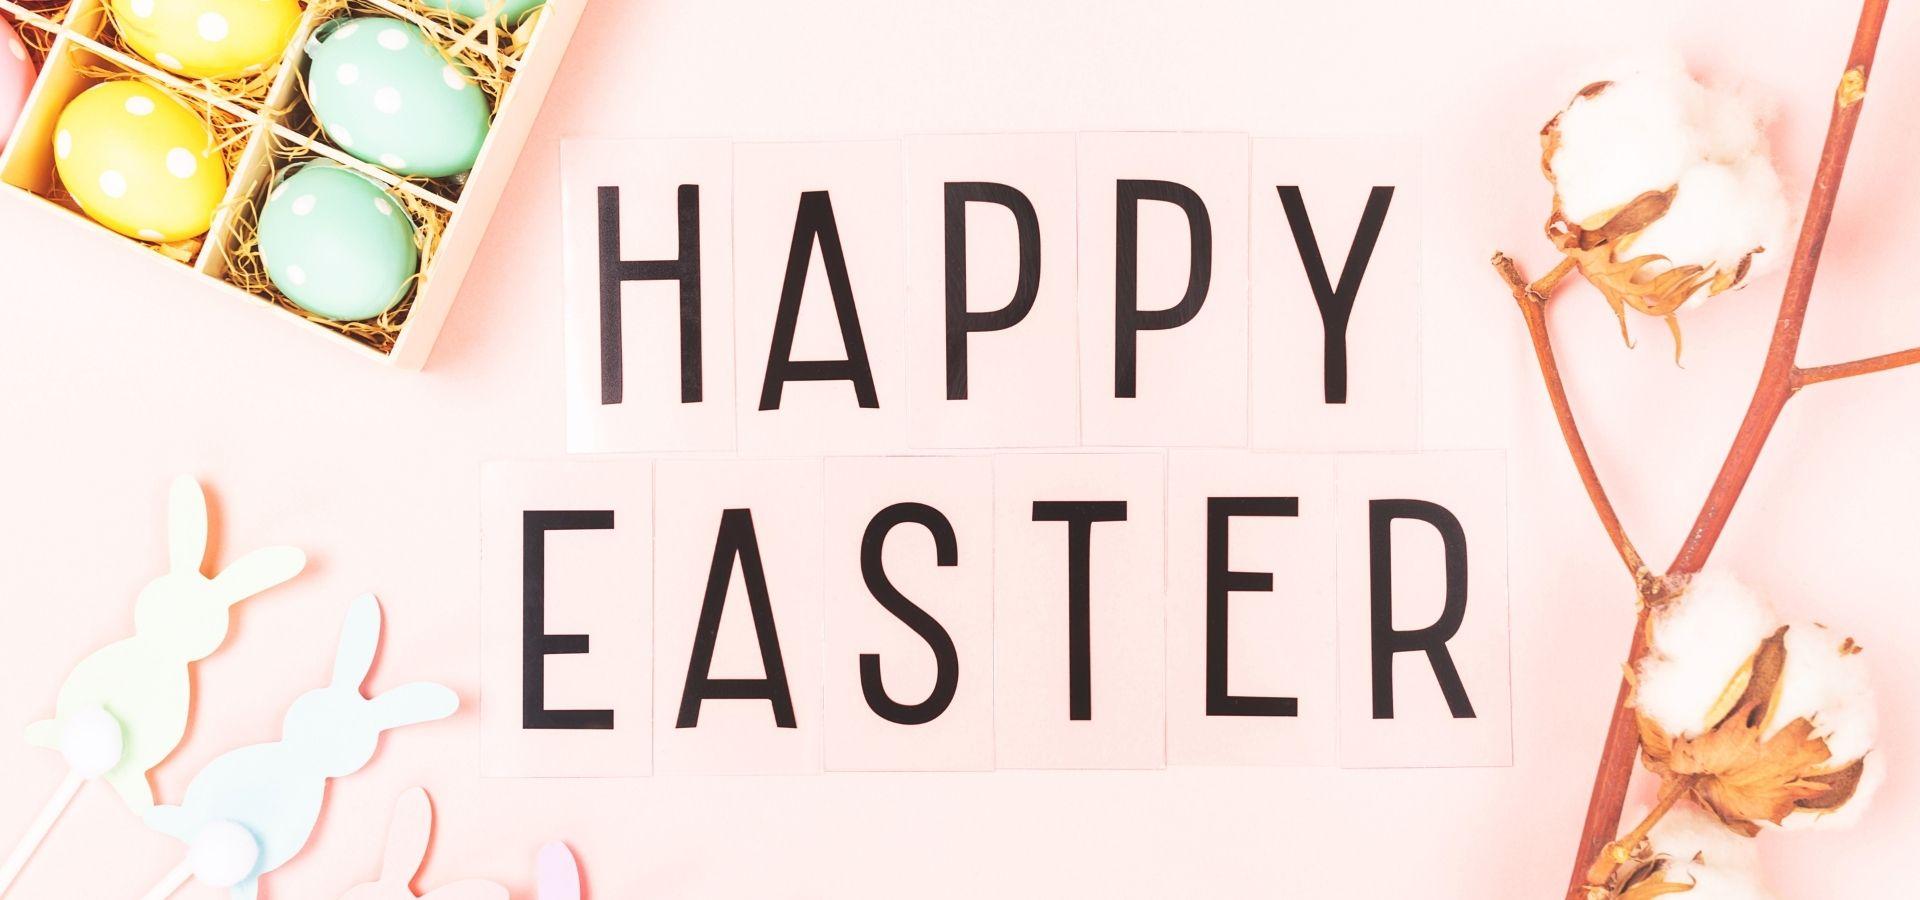 Newsletter di Pasqua: gli auguri non fanno più tendenza